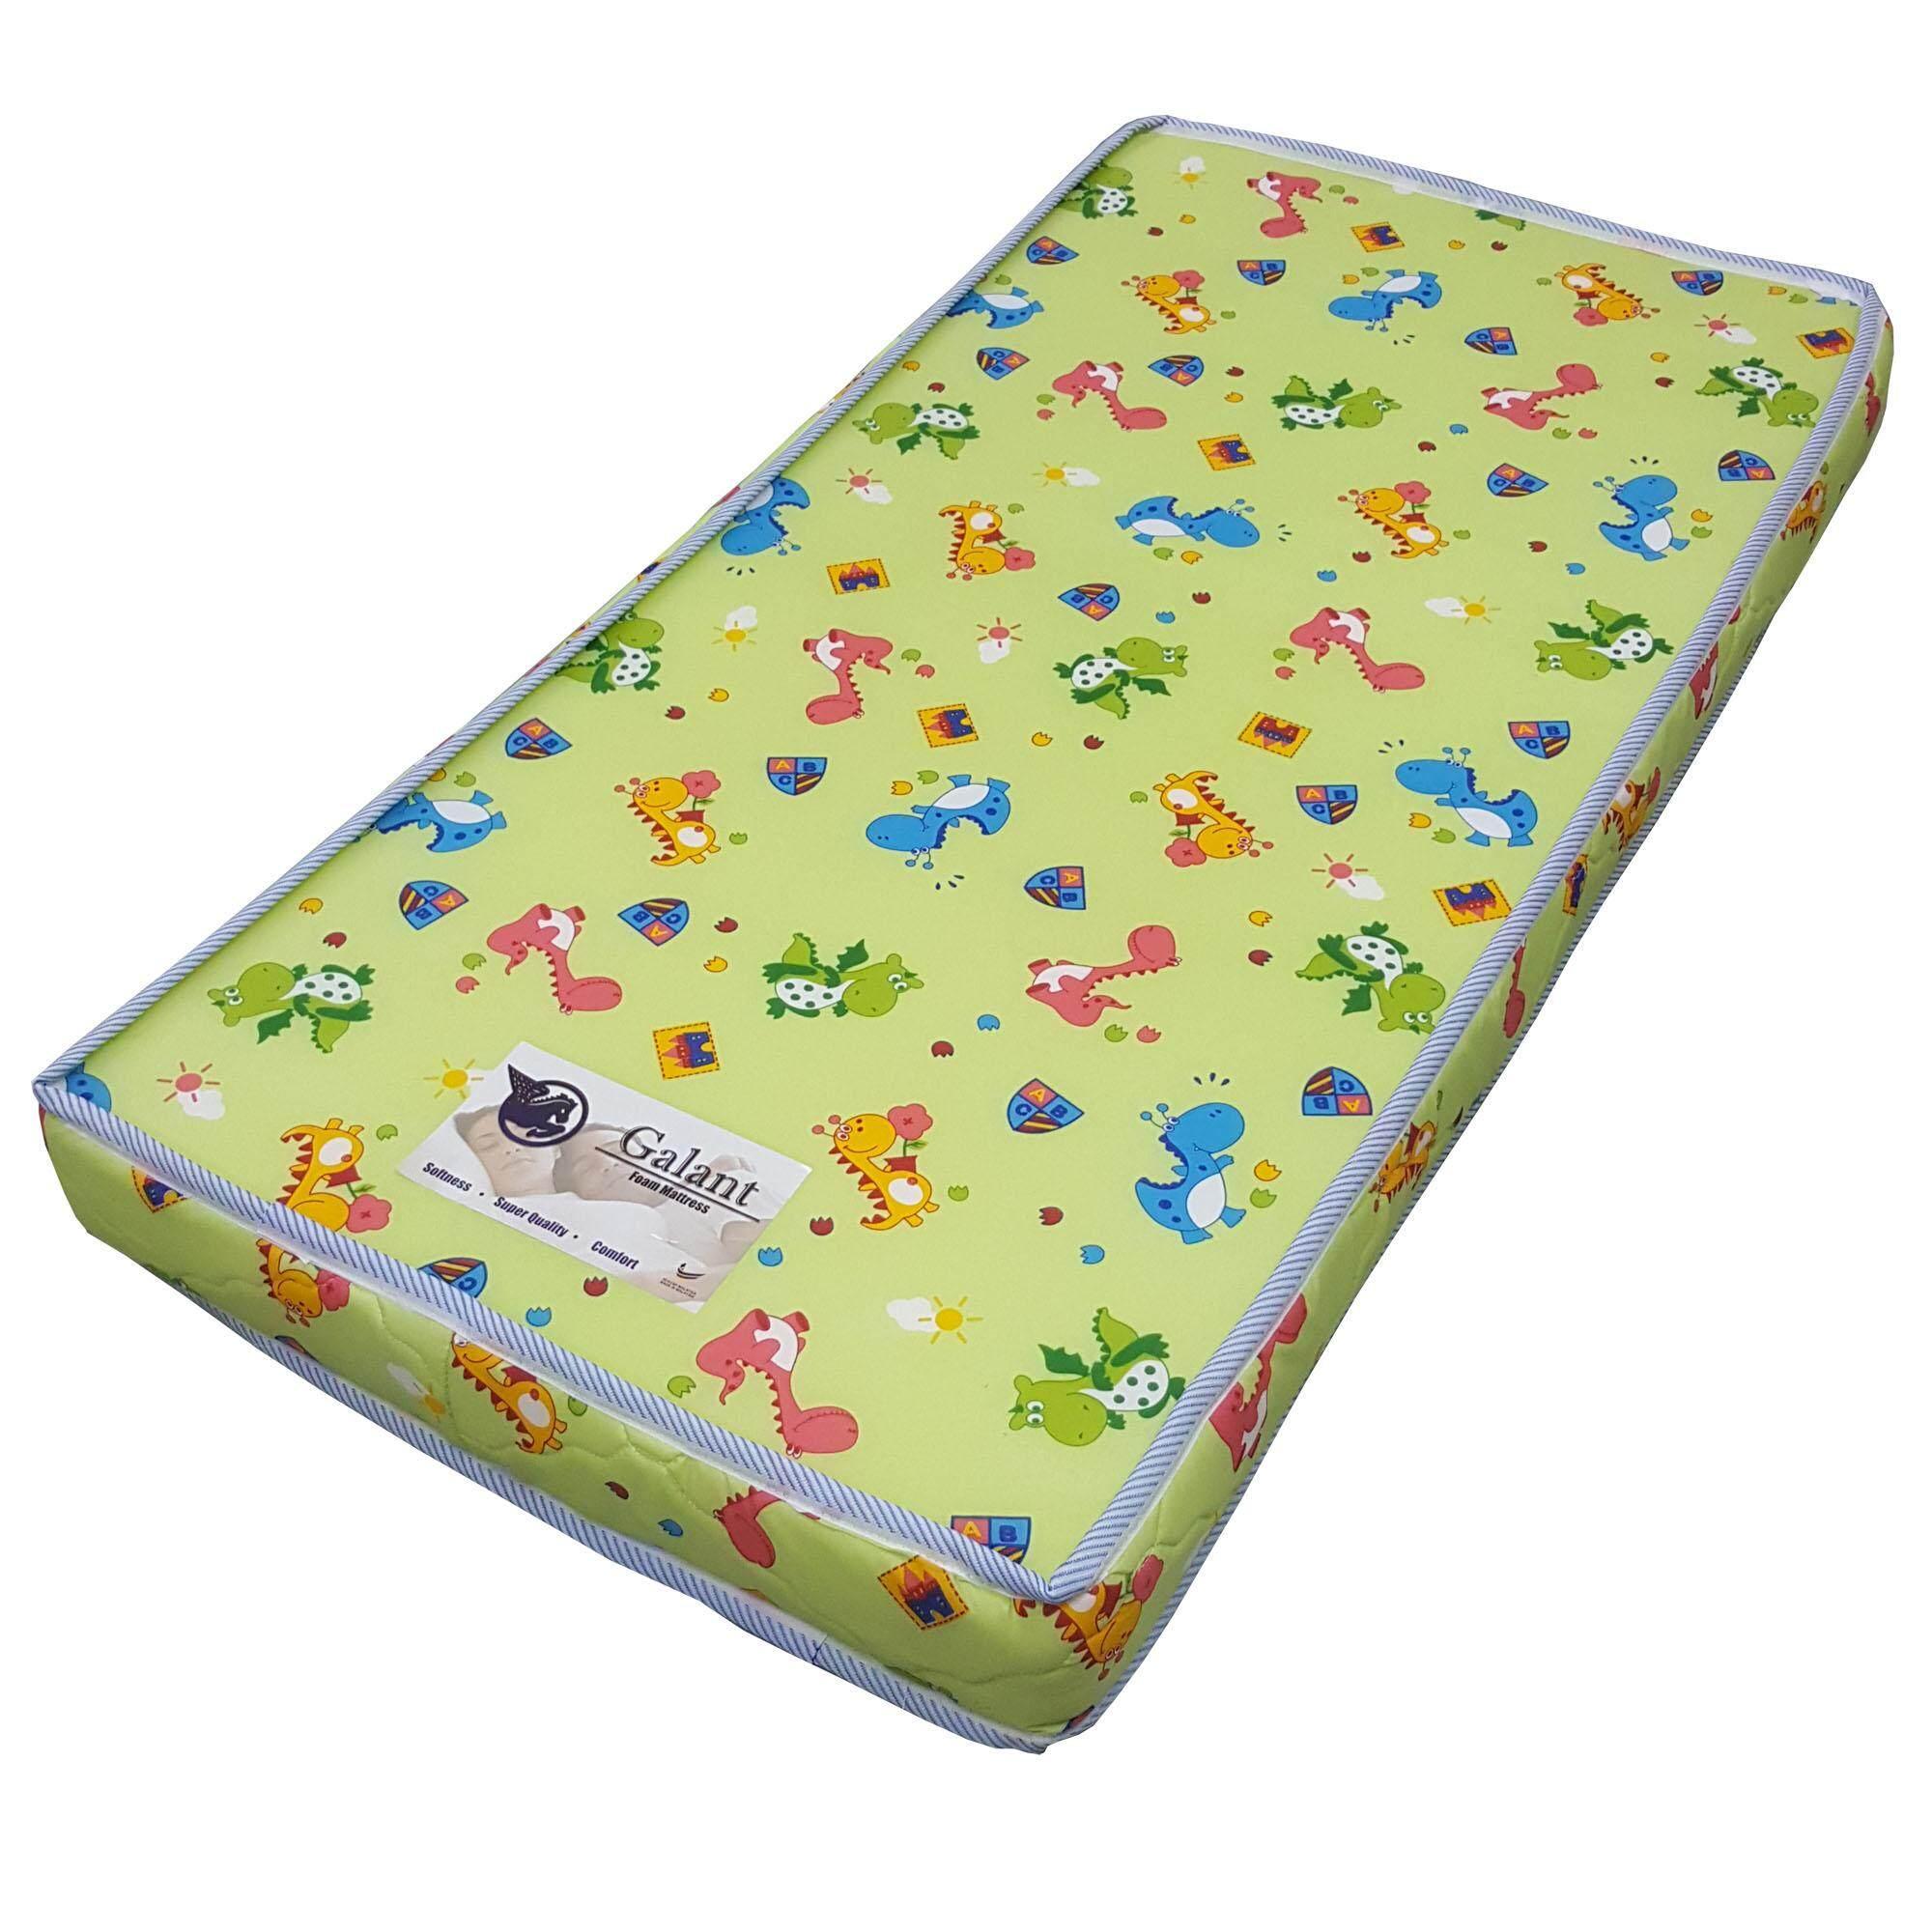 Evamat Alas Lantai Puzzle Motif Bambu Muda 60cm X 120cm Daftar Matras Tikar Karpet Evamats Bunga Source Baby Cot